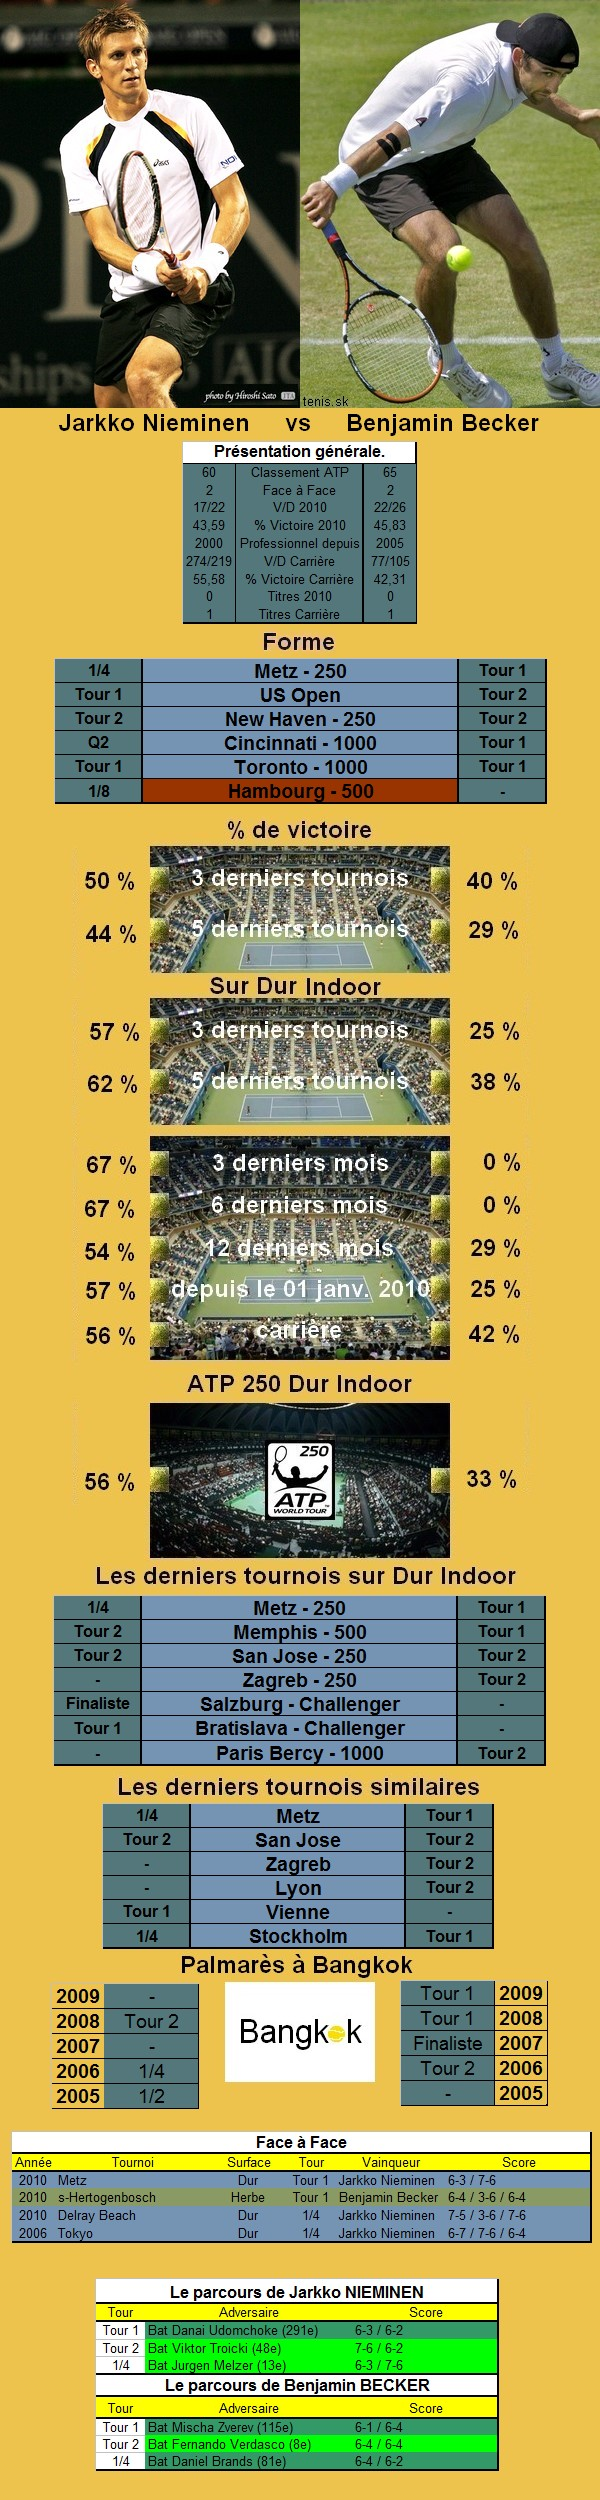 Statistiques tennis de Nieminen contre Becker à Bangkok